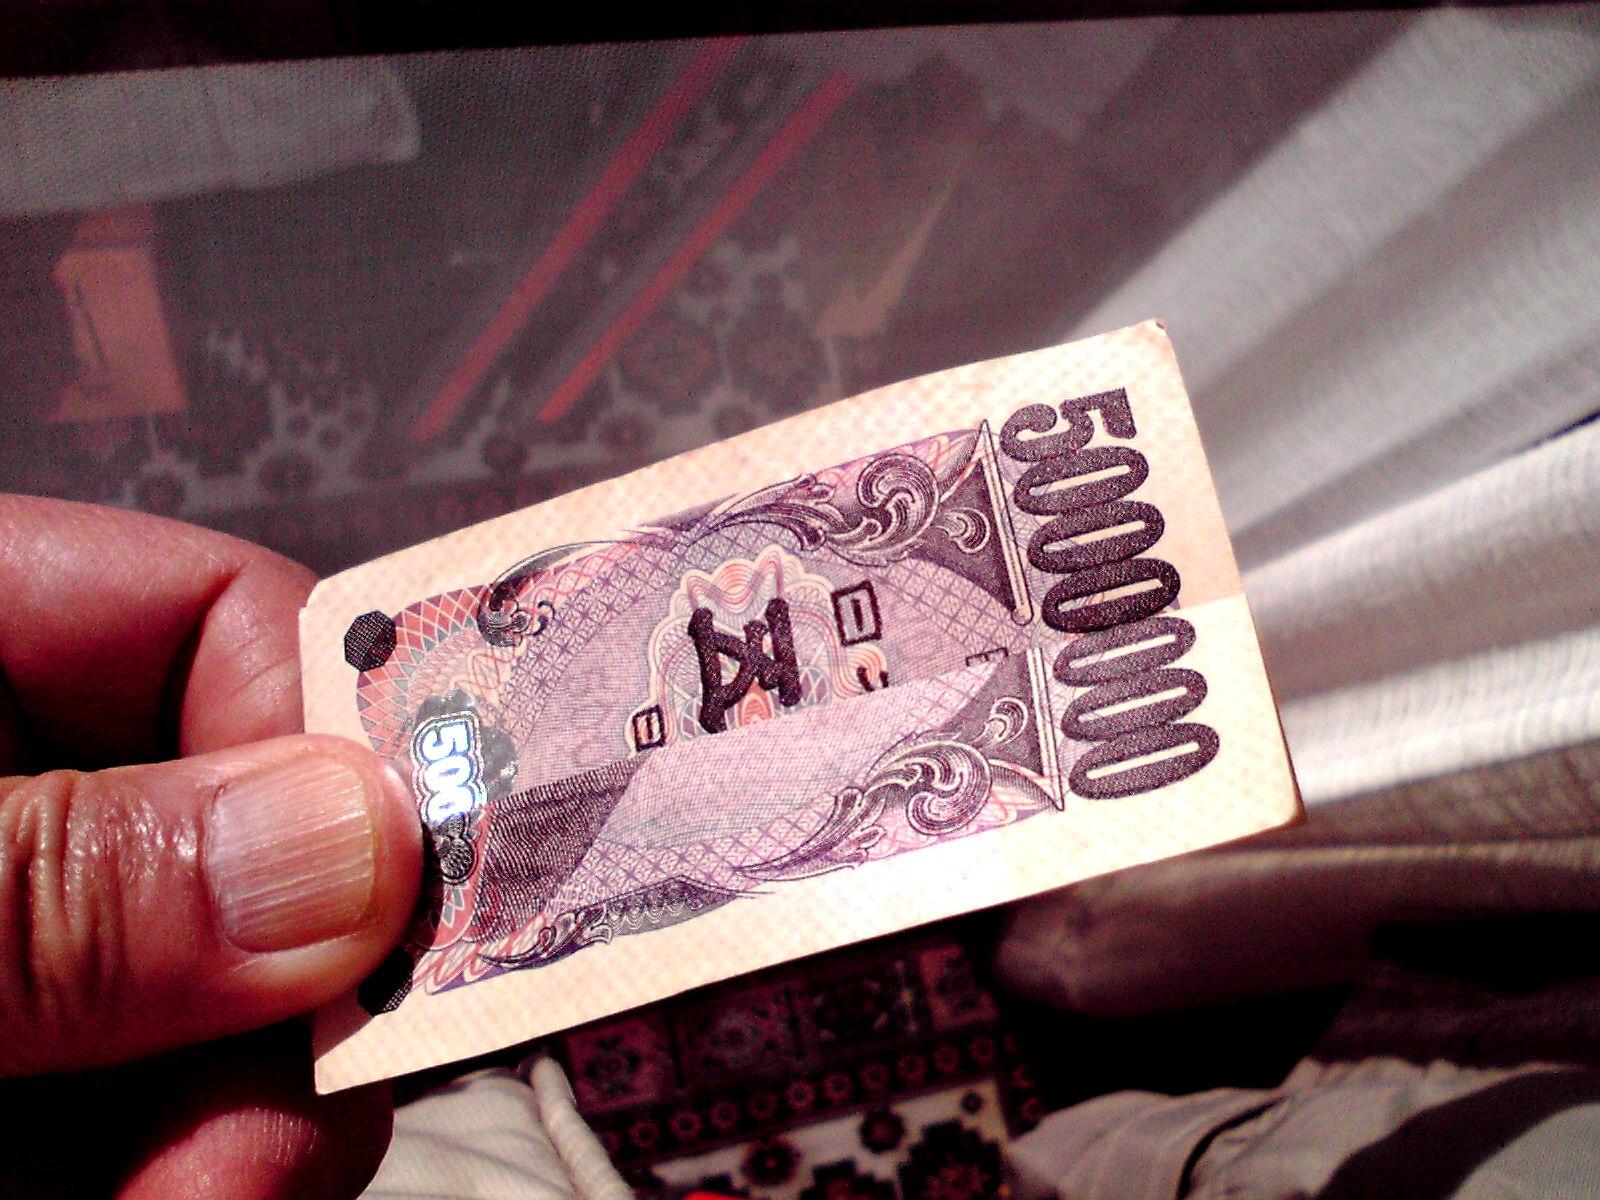 500万円札2013010809530001